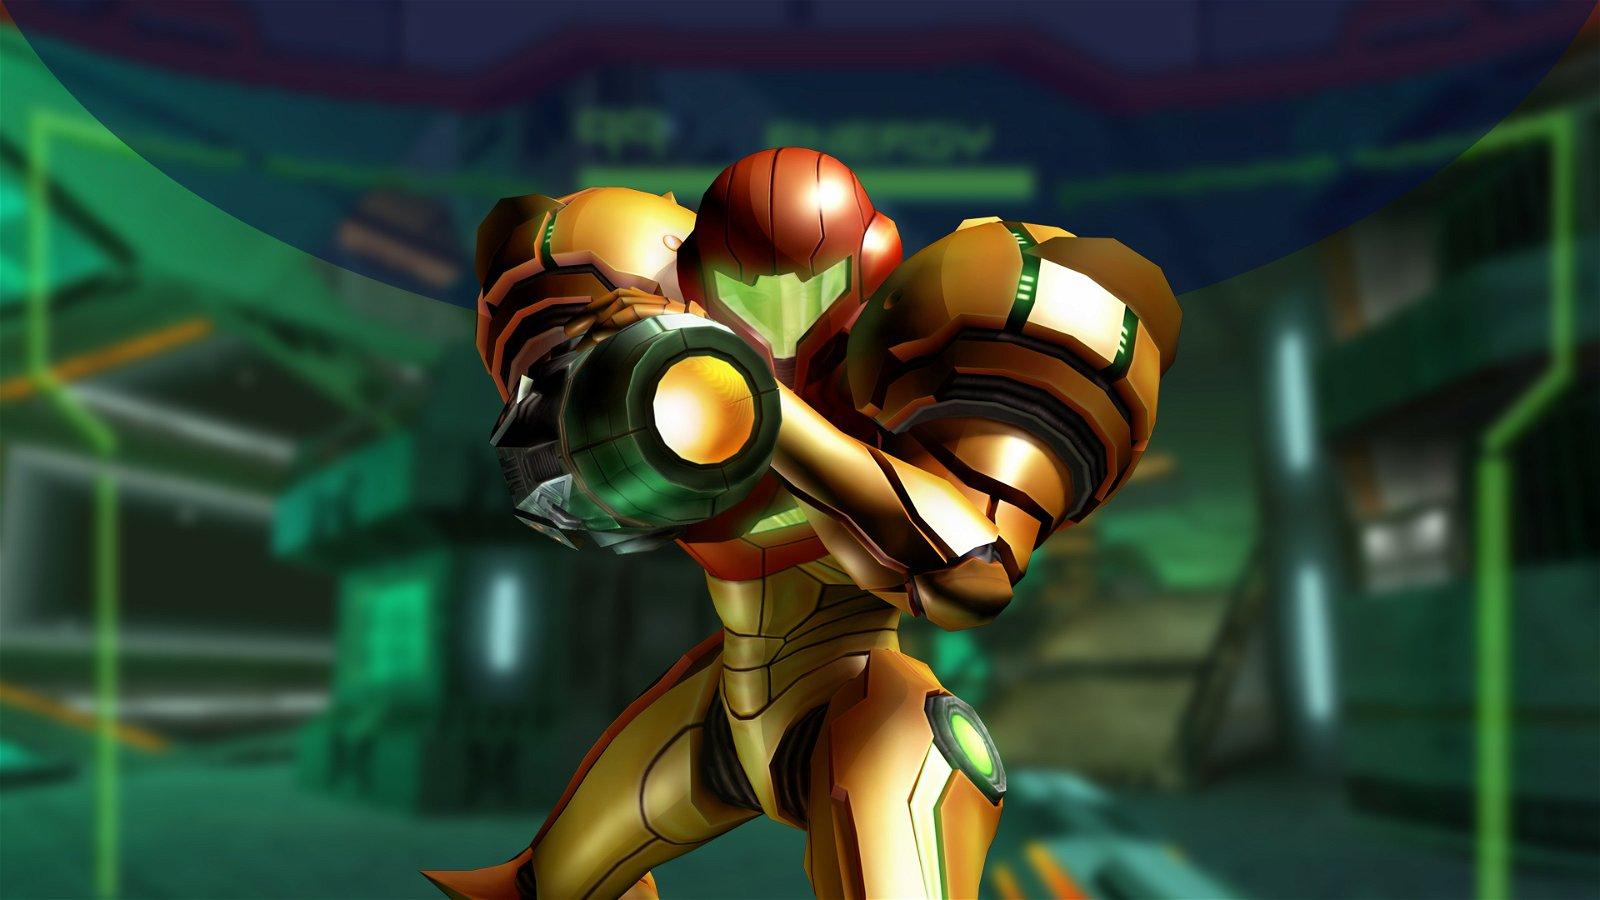 Bandai Namco Revealed To Be Developing Metroid Prime 4 1